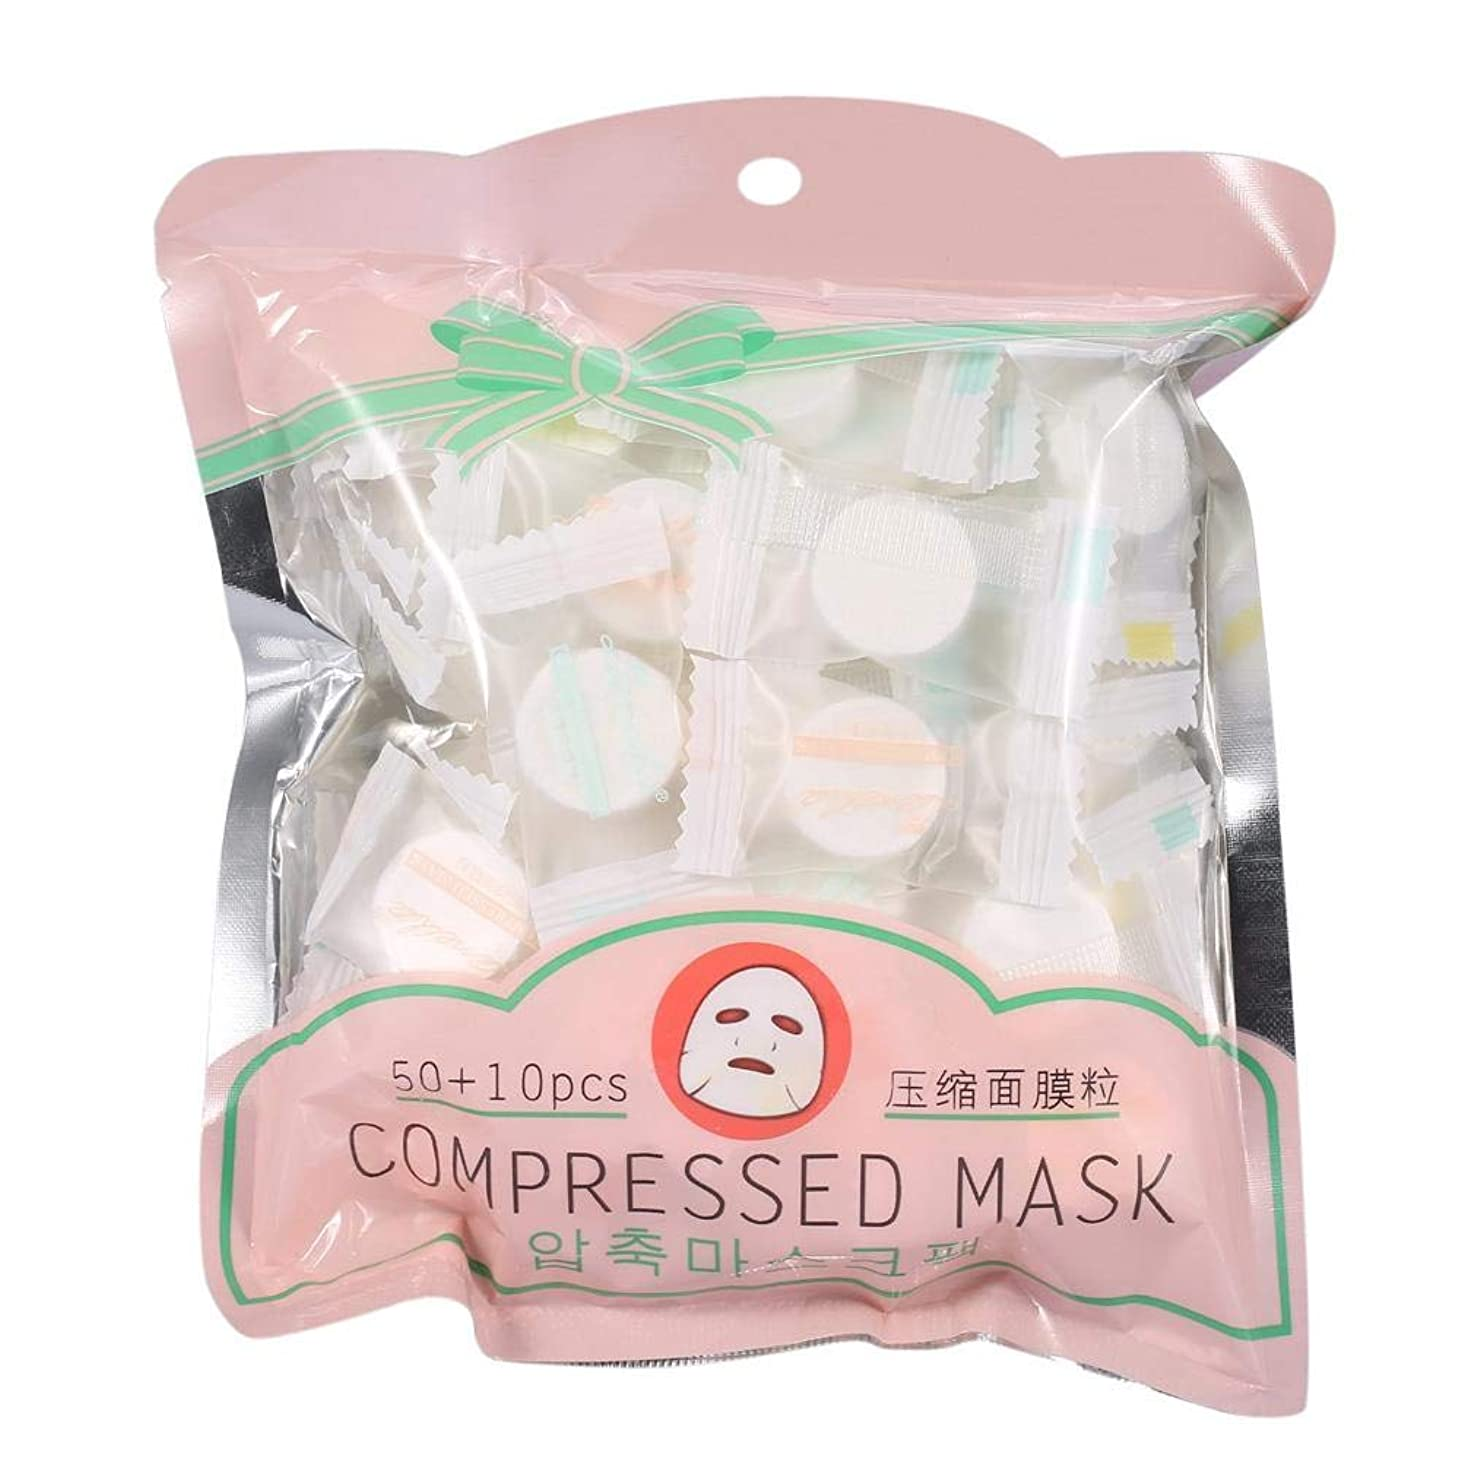 特権的制限する靴下圧縮マスク、60/30/15ピース屋外旅行圧縮綿使い捨てマスクタブレット布ワイプ紙ティッシュフェイスケアdiyフェイシャルペーパーマスク(60個)